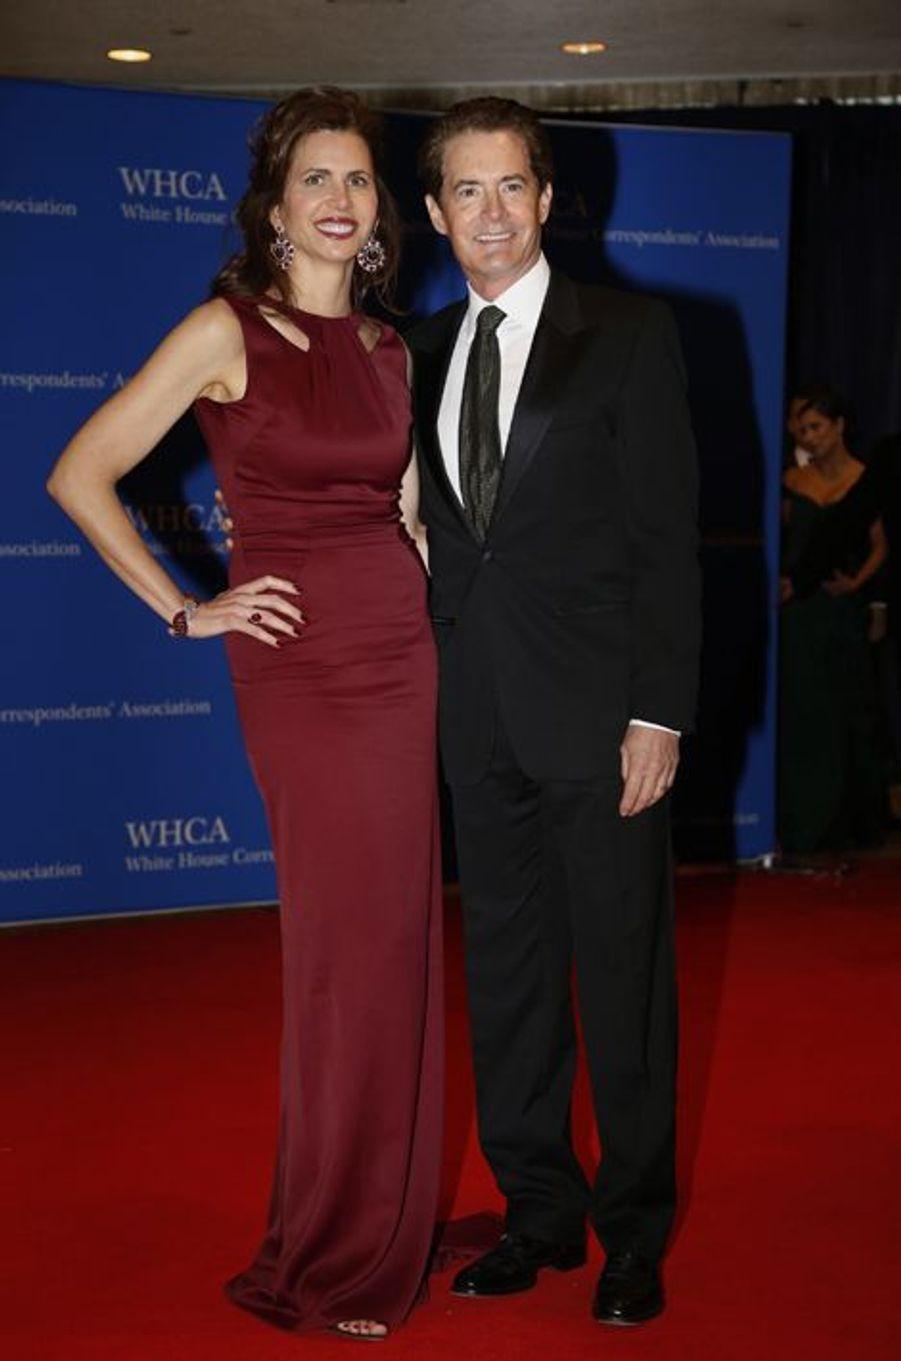 Kyle MacLachlan et son épouse au dîner des Correspondants à la Maison Blanche, le 30 avril 2016 à Washington.